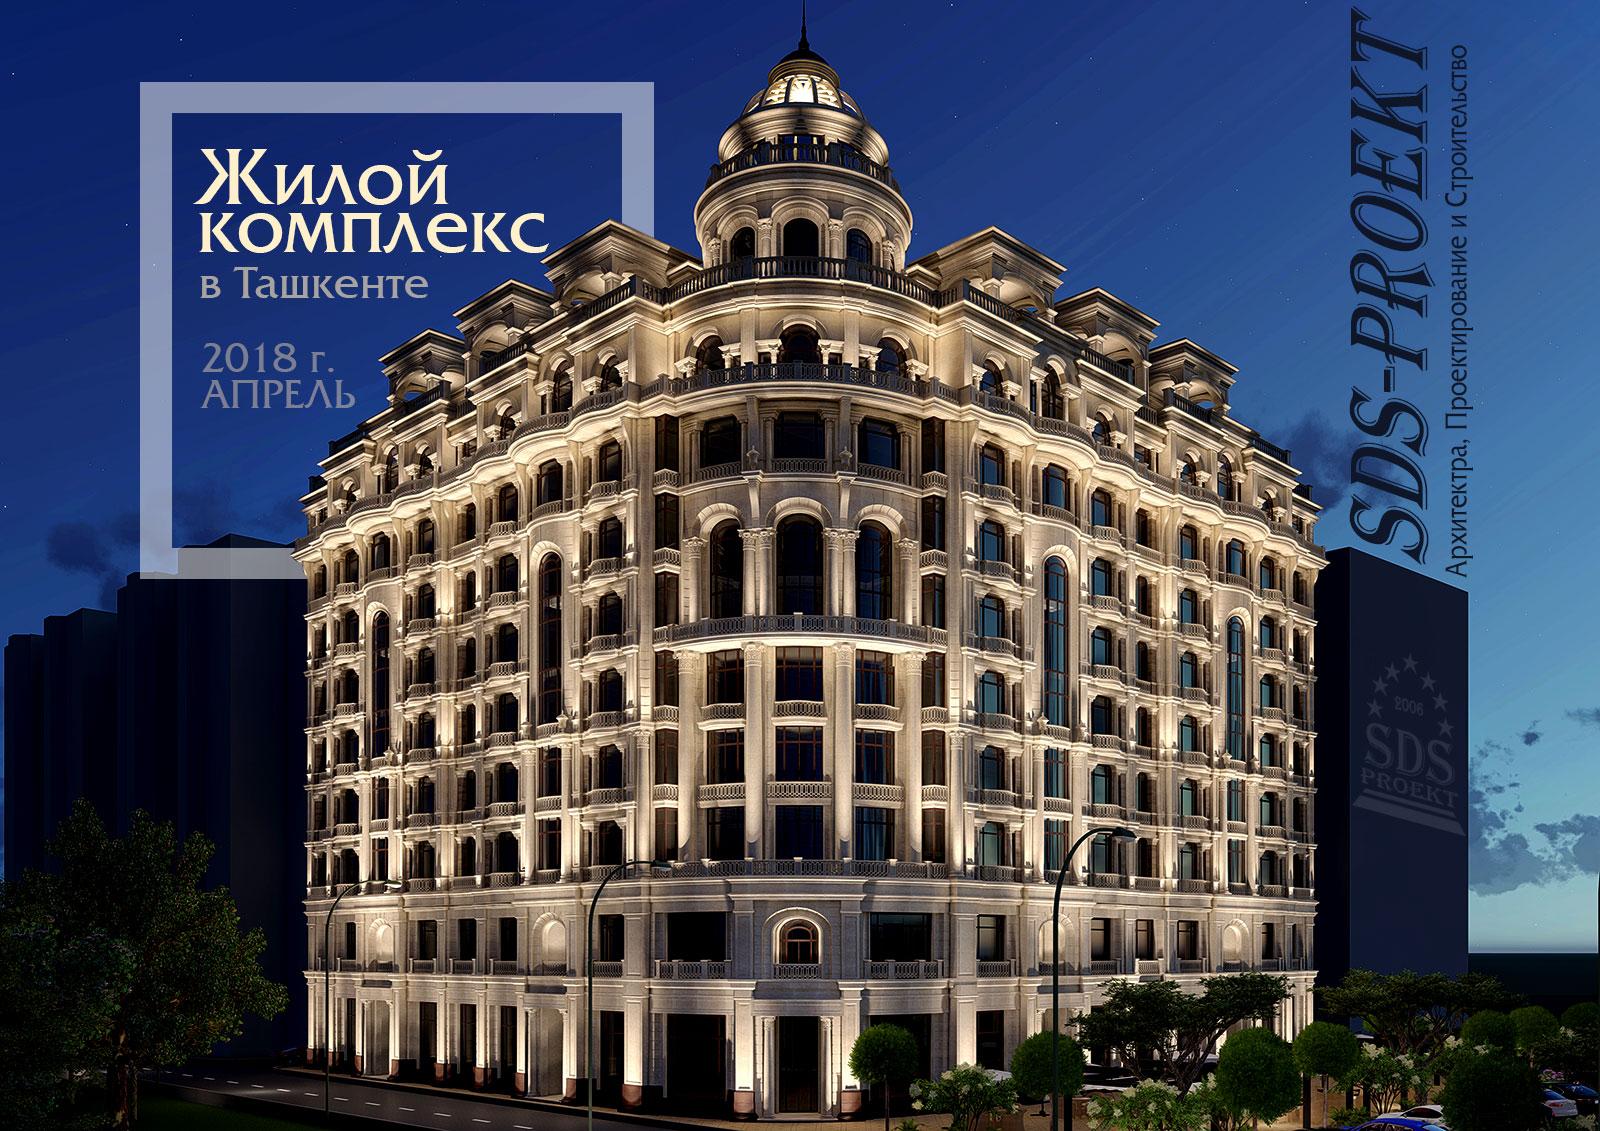 Эксклюзивный Жилой комплекс в Ташкенте